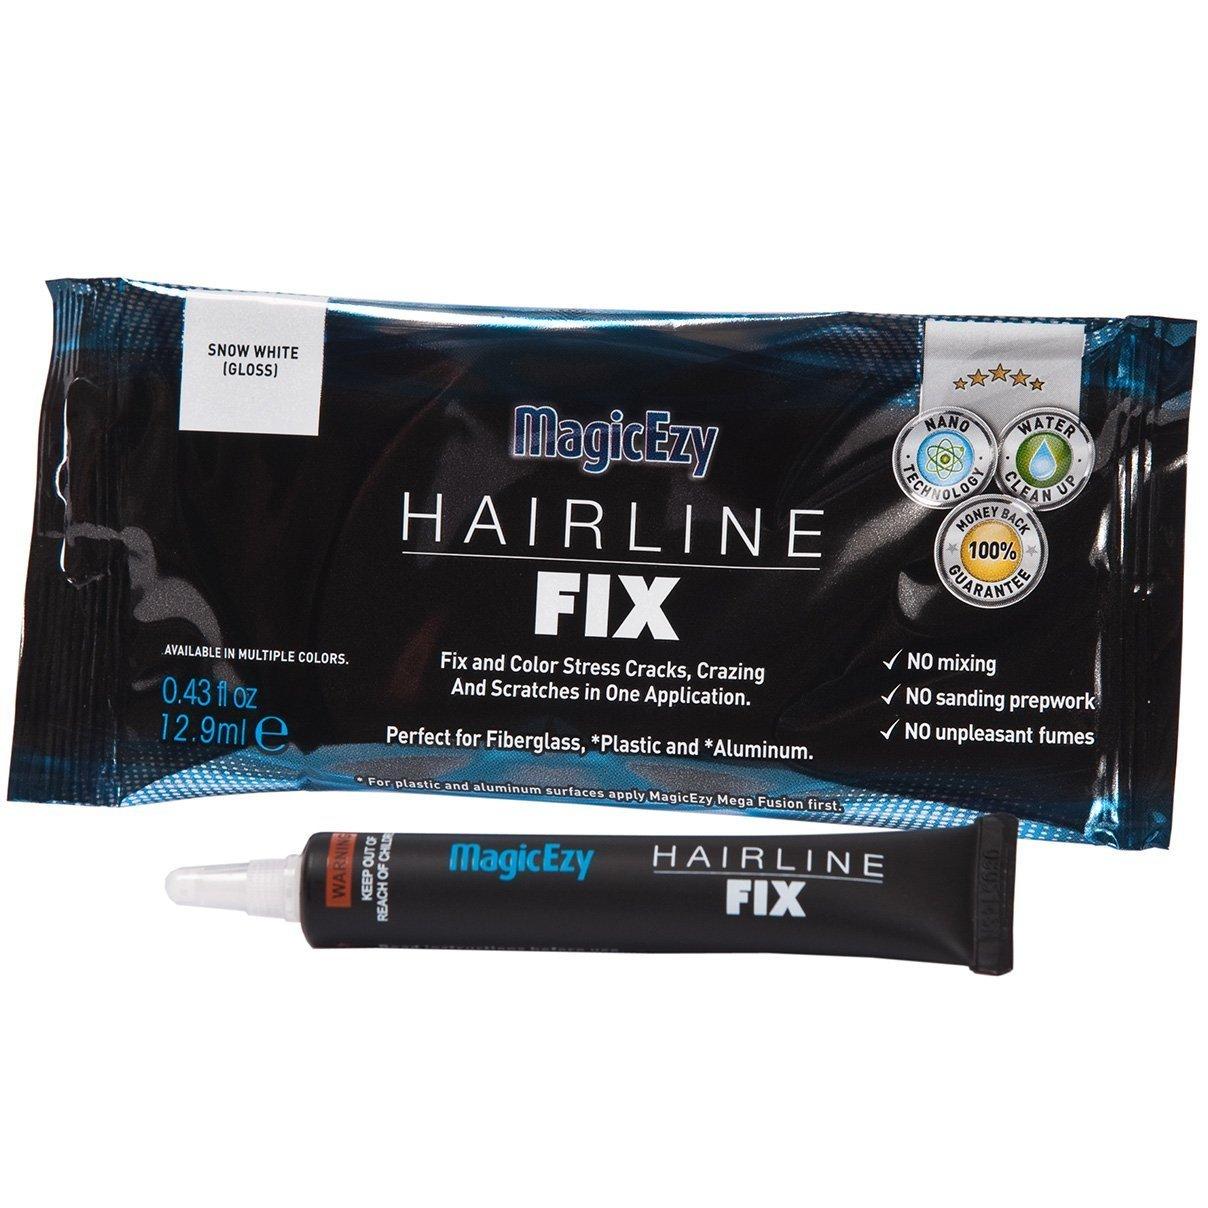 MagicEzy Hairline Fix 3006.0323